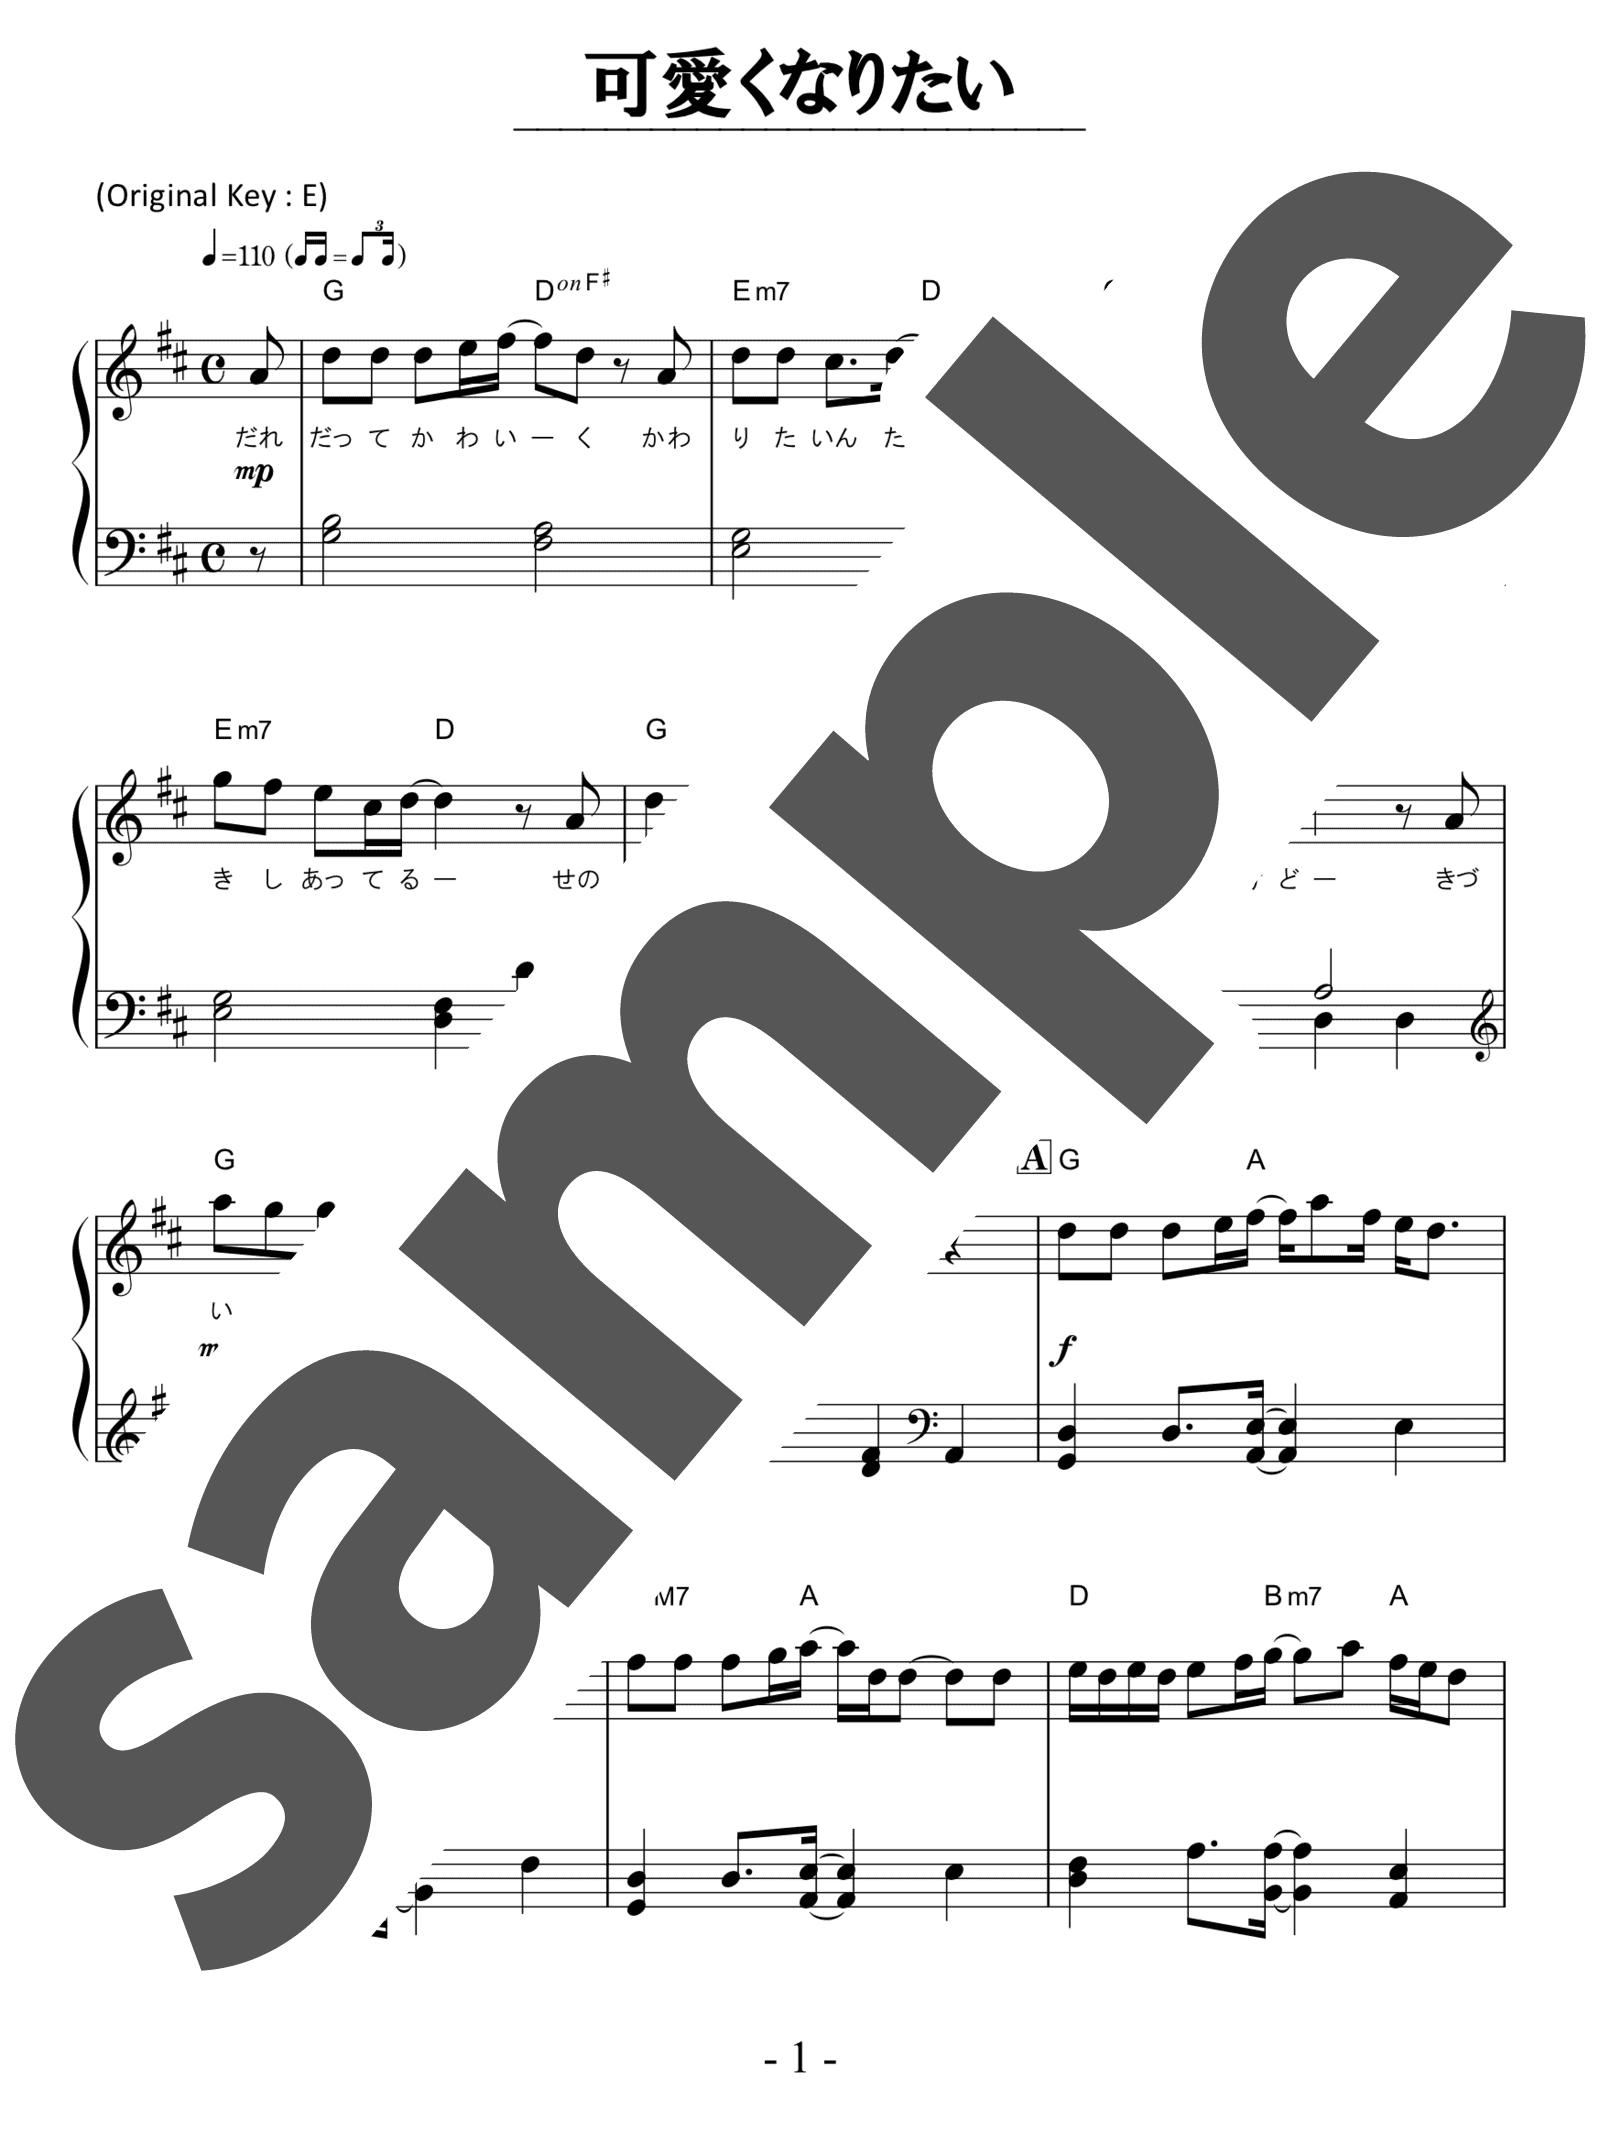 「可愛くなりたい」のサンプル楽譜